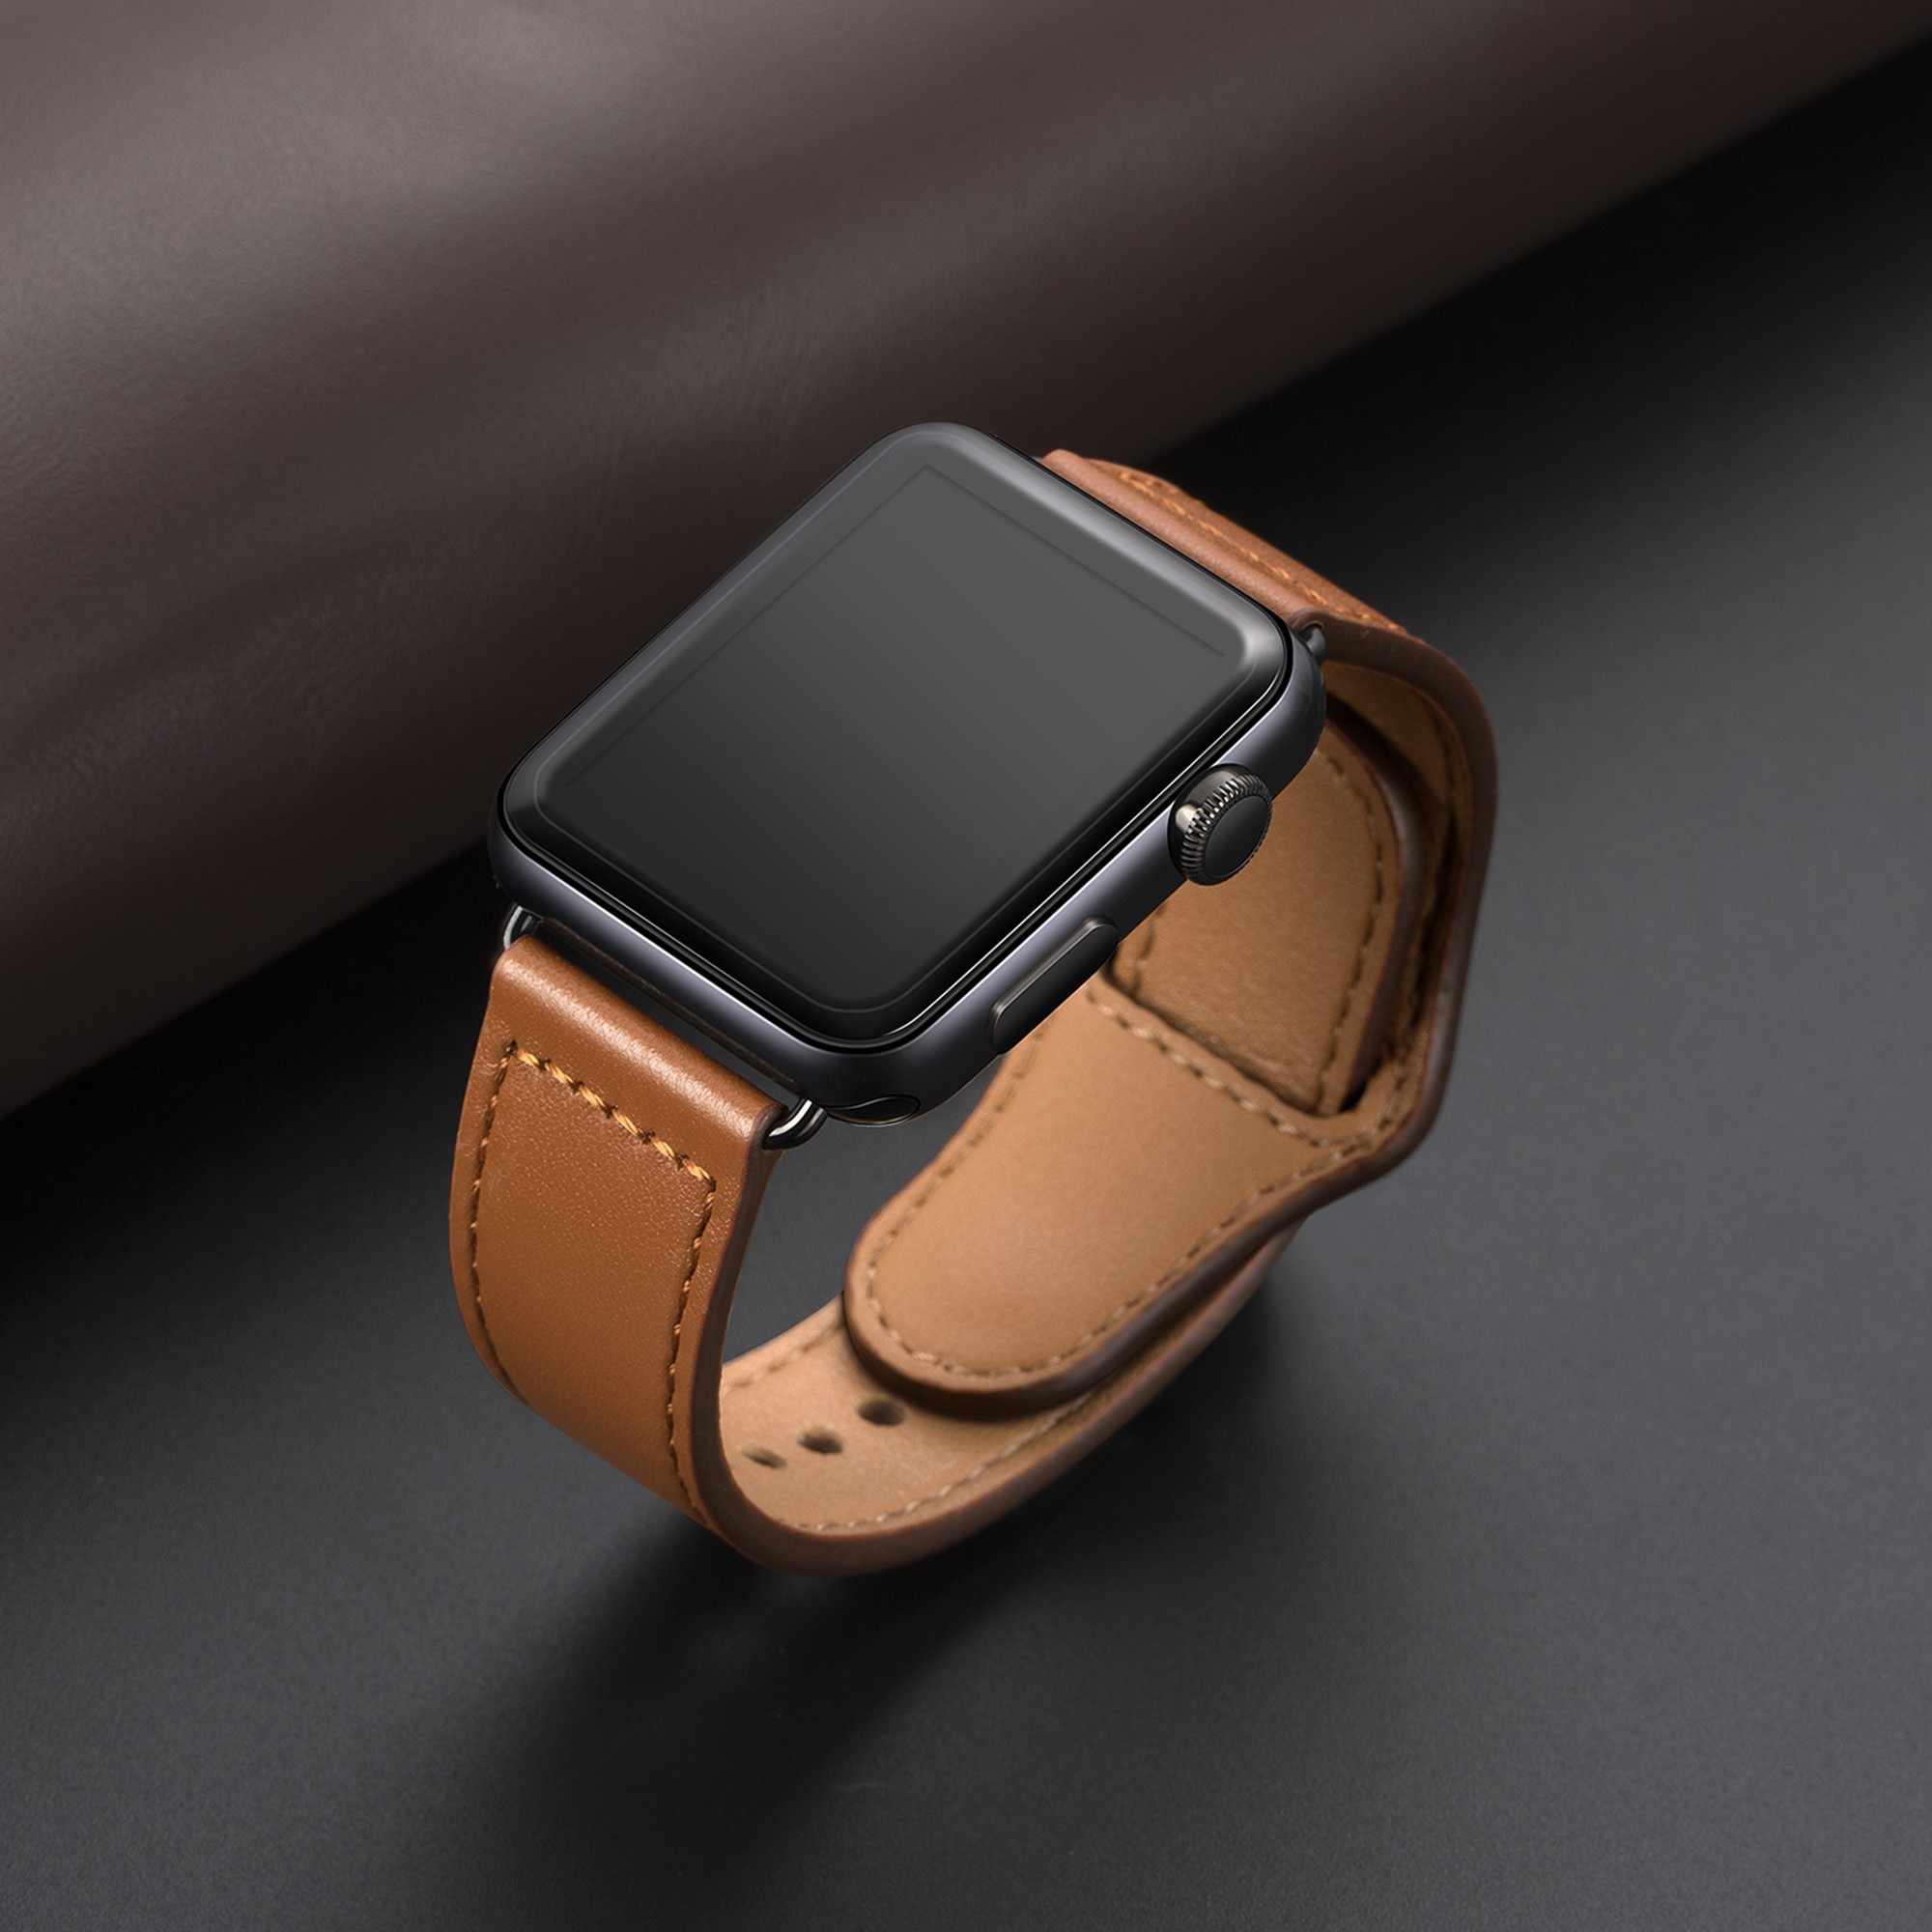 Prawdziwy skórzany pasek pasek na pasek do apple watch 42mm 44mm apple watch 4 5 38mm 40mm iwatch 3/2/ 1 korea bransoletka zamienna